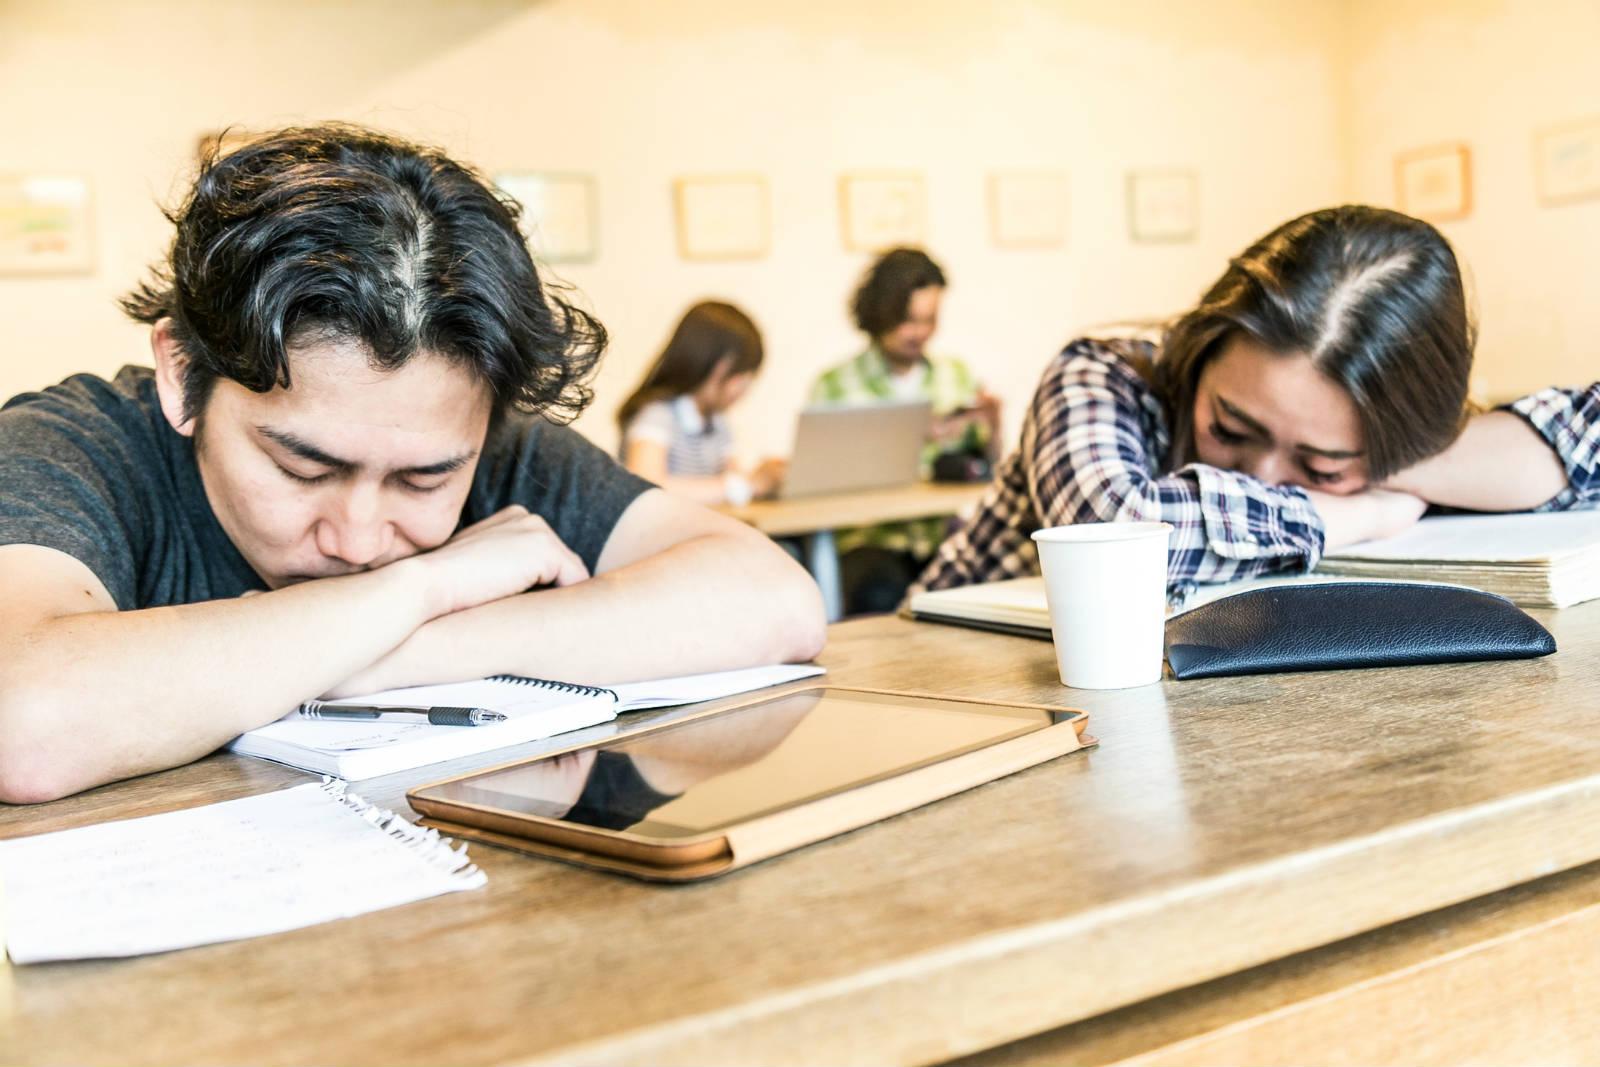 去小睡片刻,還是爭取時間學習效果更好?